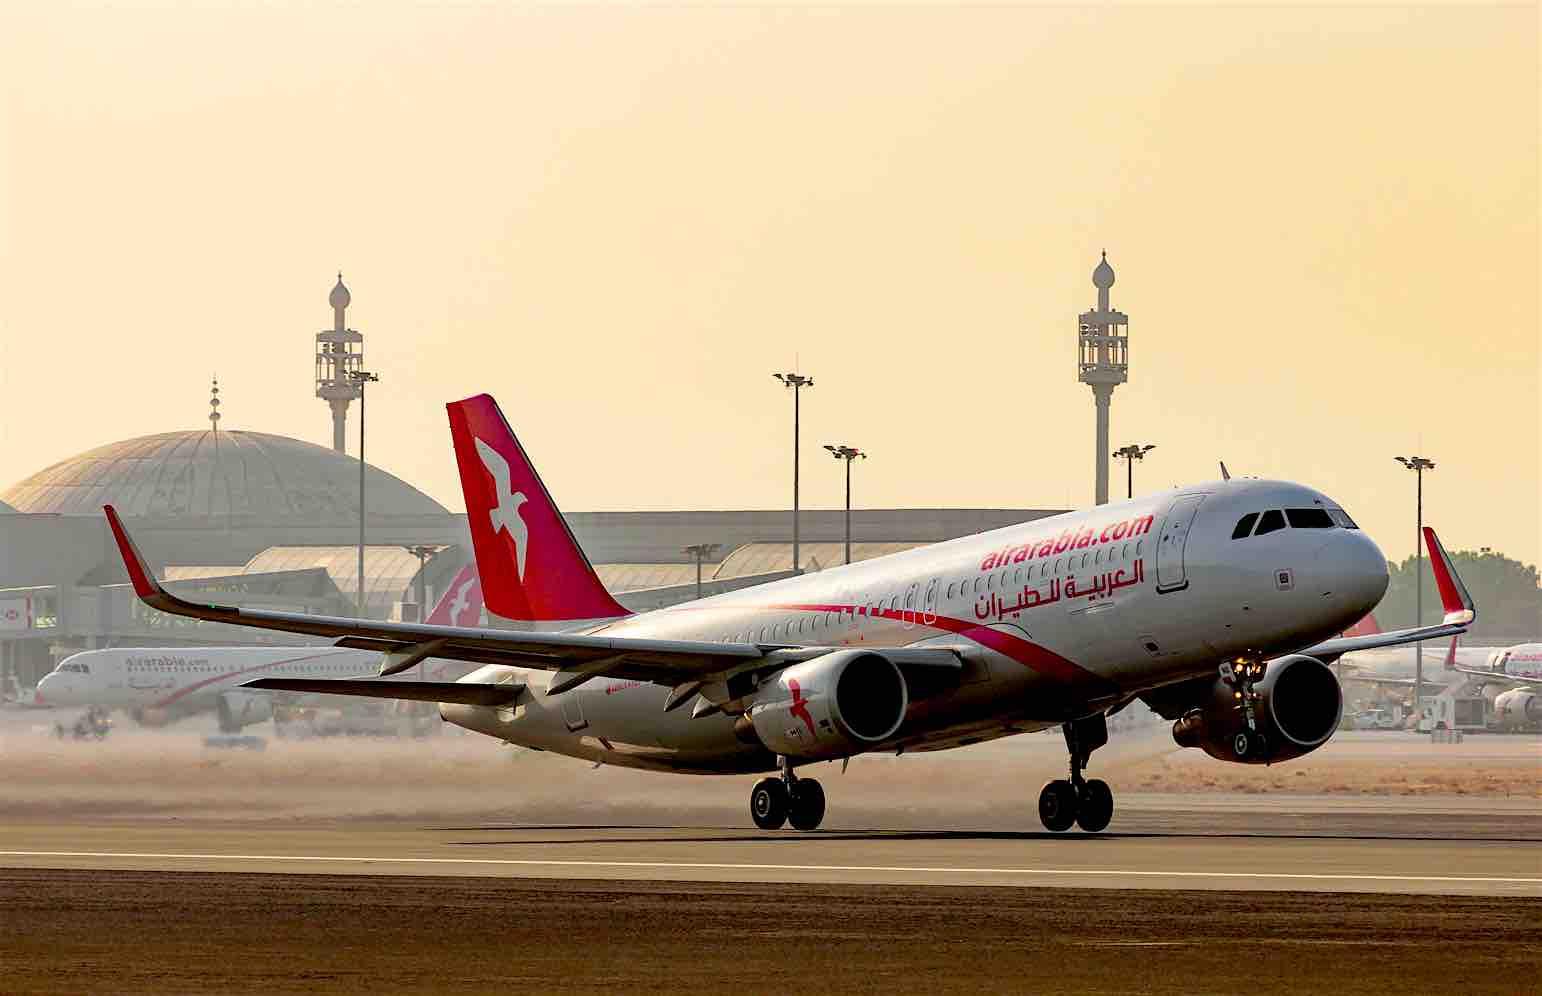 Air Arabia Maroc ist eine Tochtergesellschaft der Air Arabia Gruppe. Sie wurde im April 2009 gegründet und ist Marokkos führender Low Cost Carrier